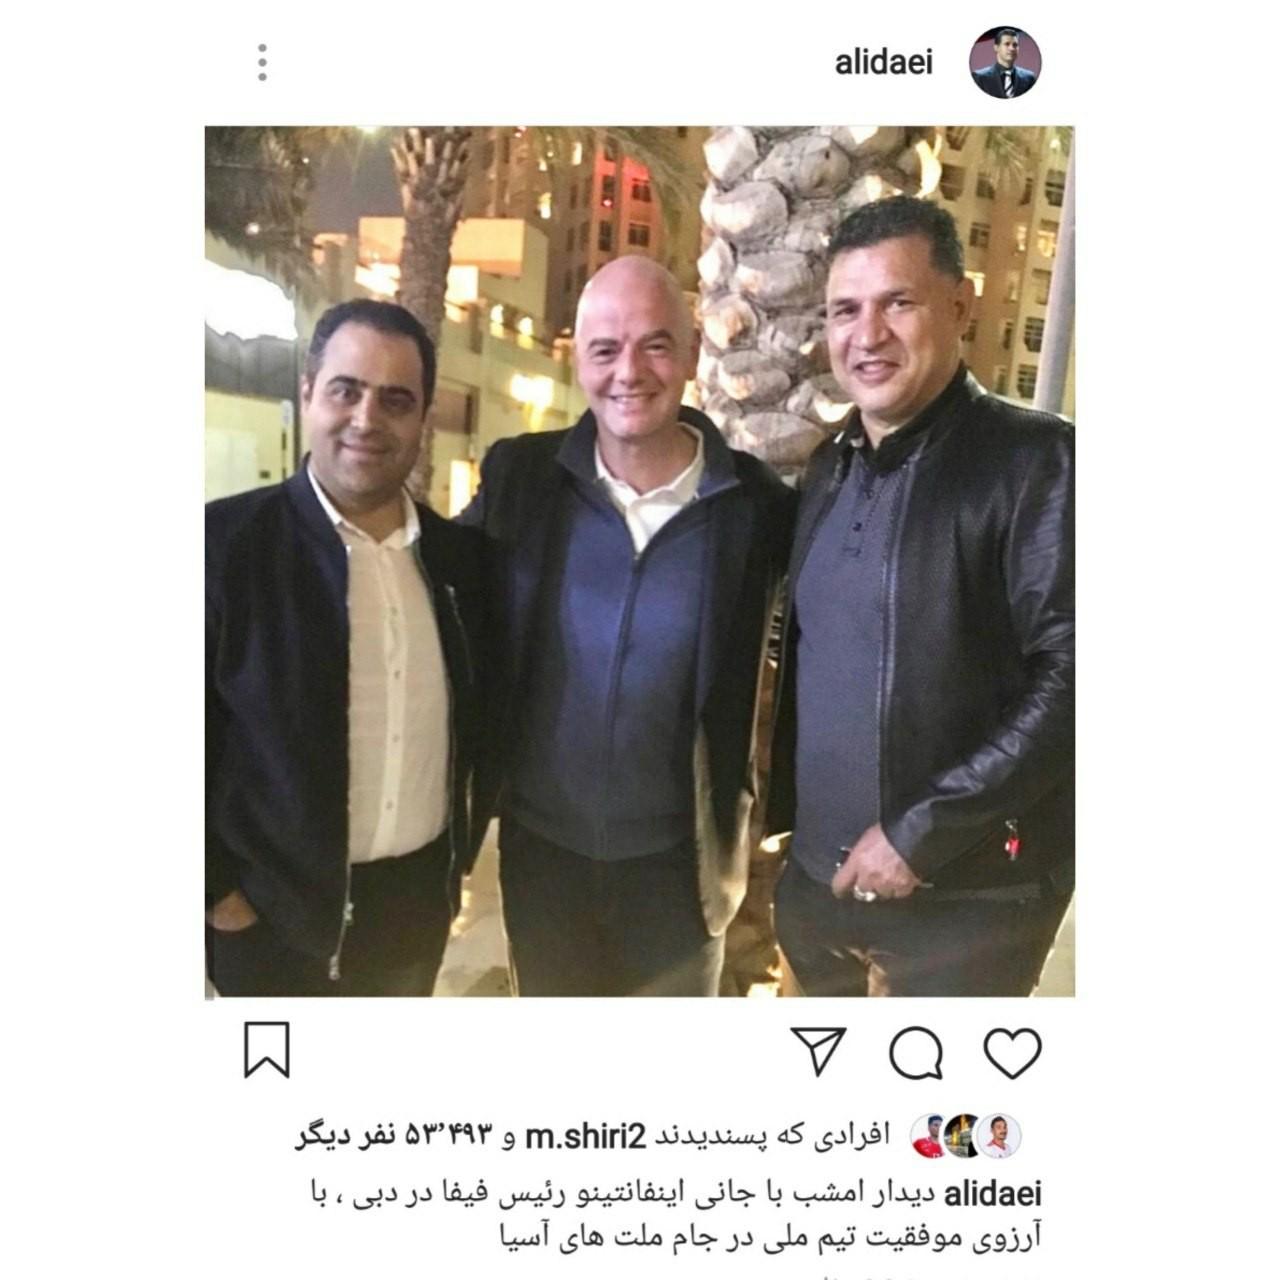 پست اینستاگرامی علی دایی پس از دیدار با رئیس FIFA